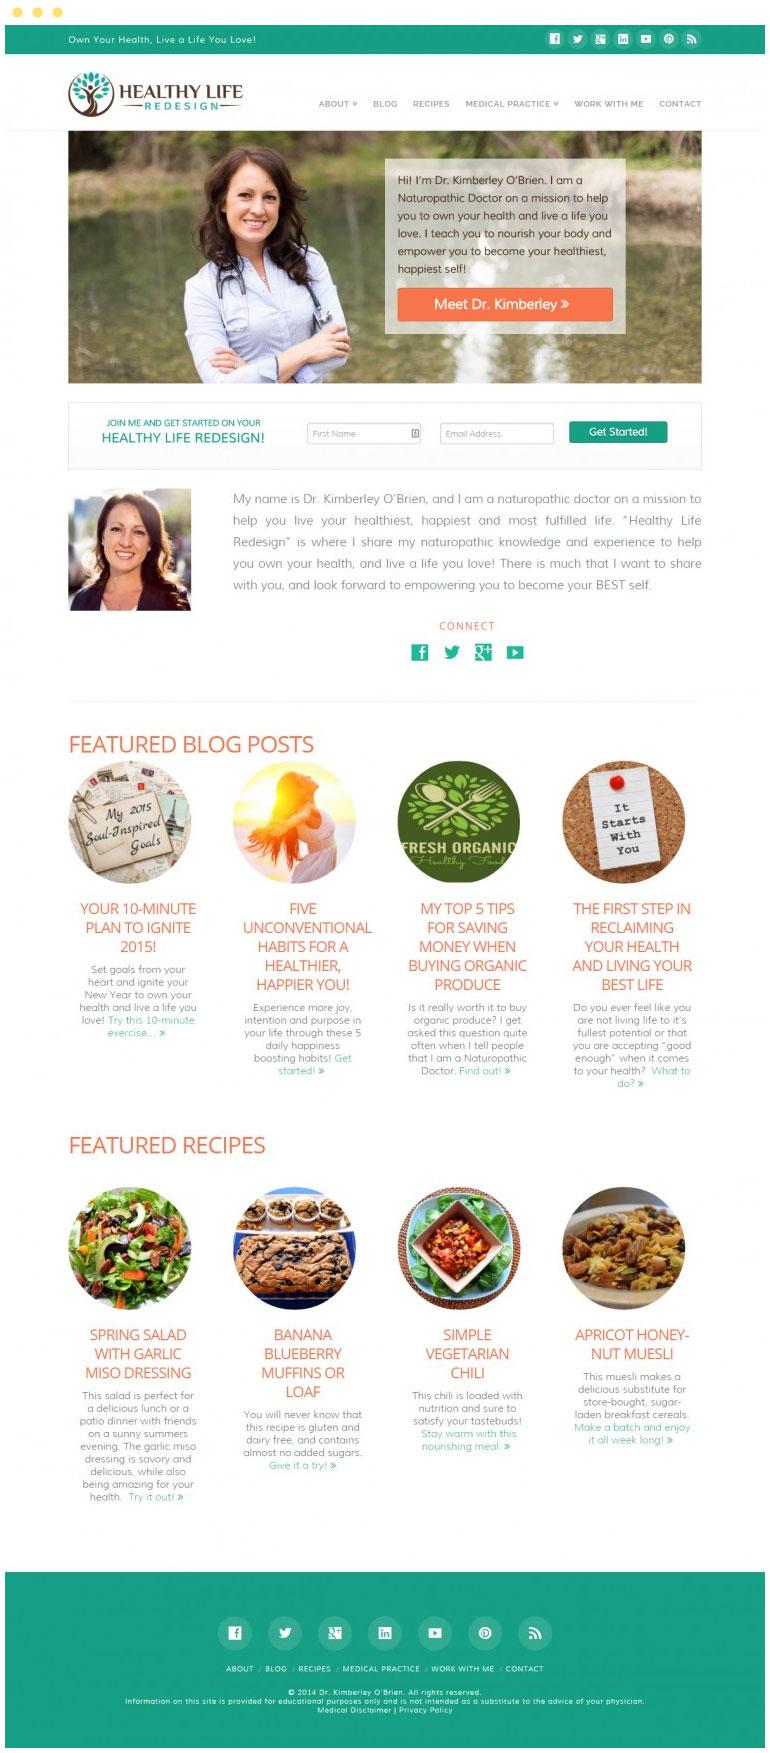 Healthy Life Redesign Website #1